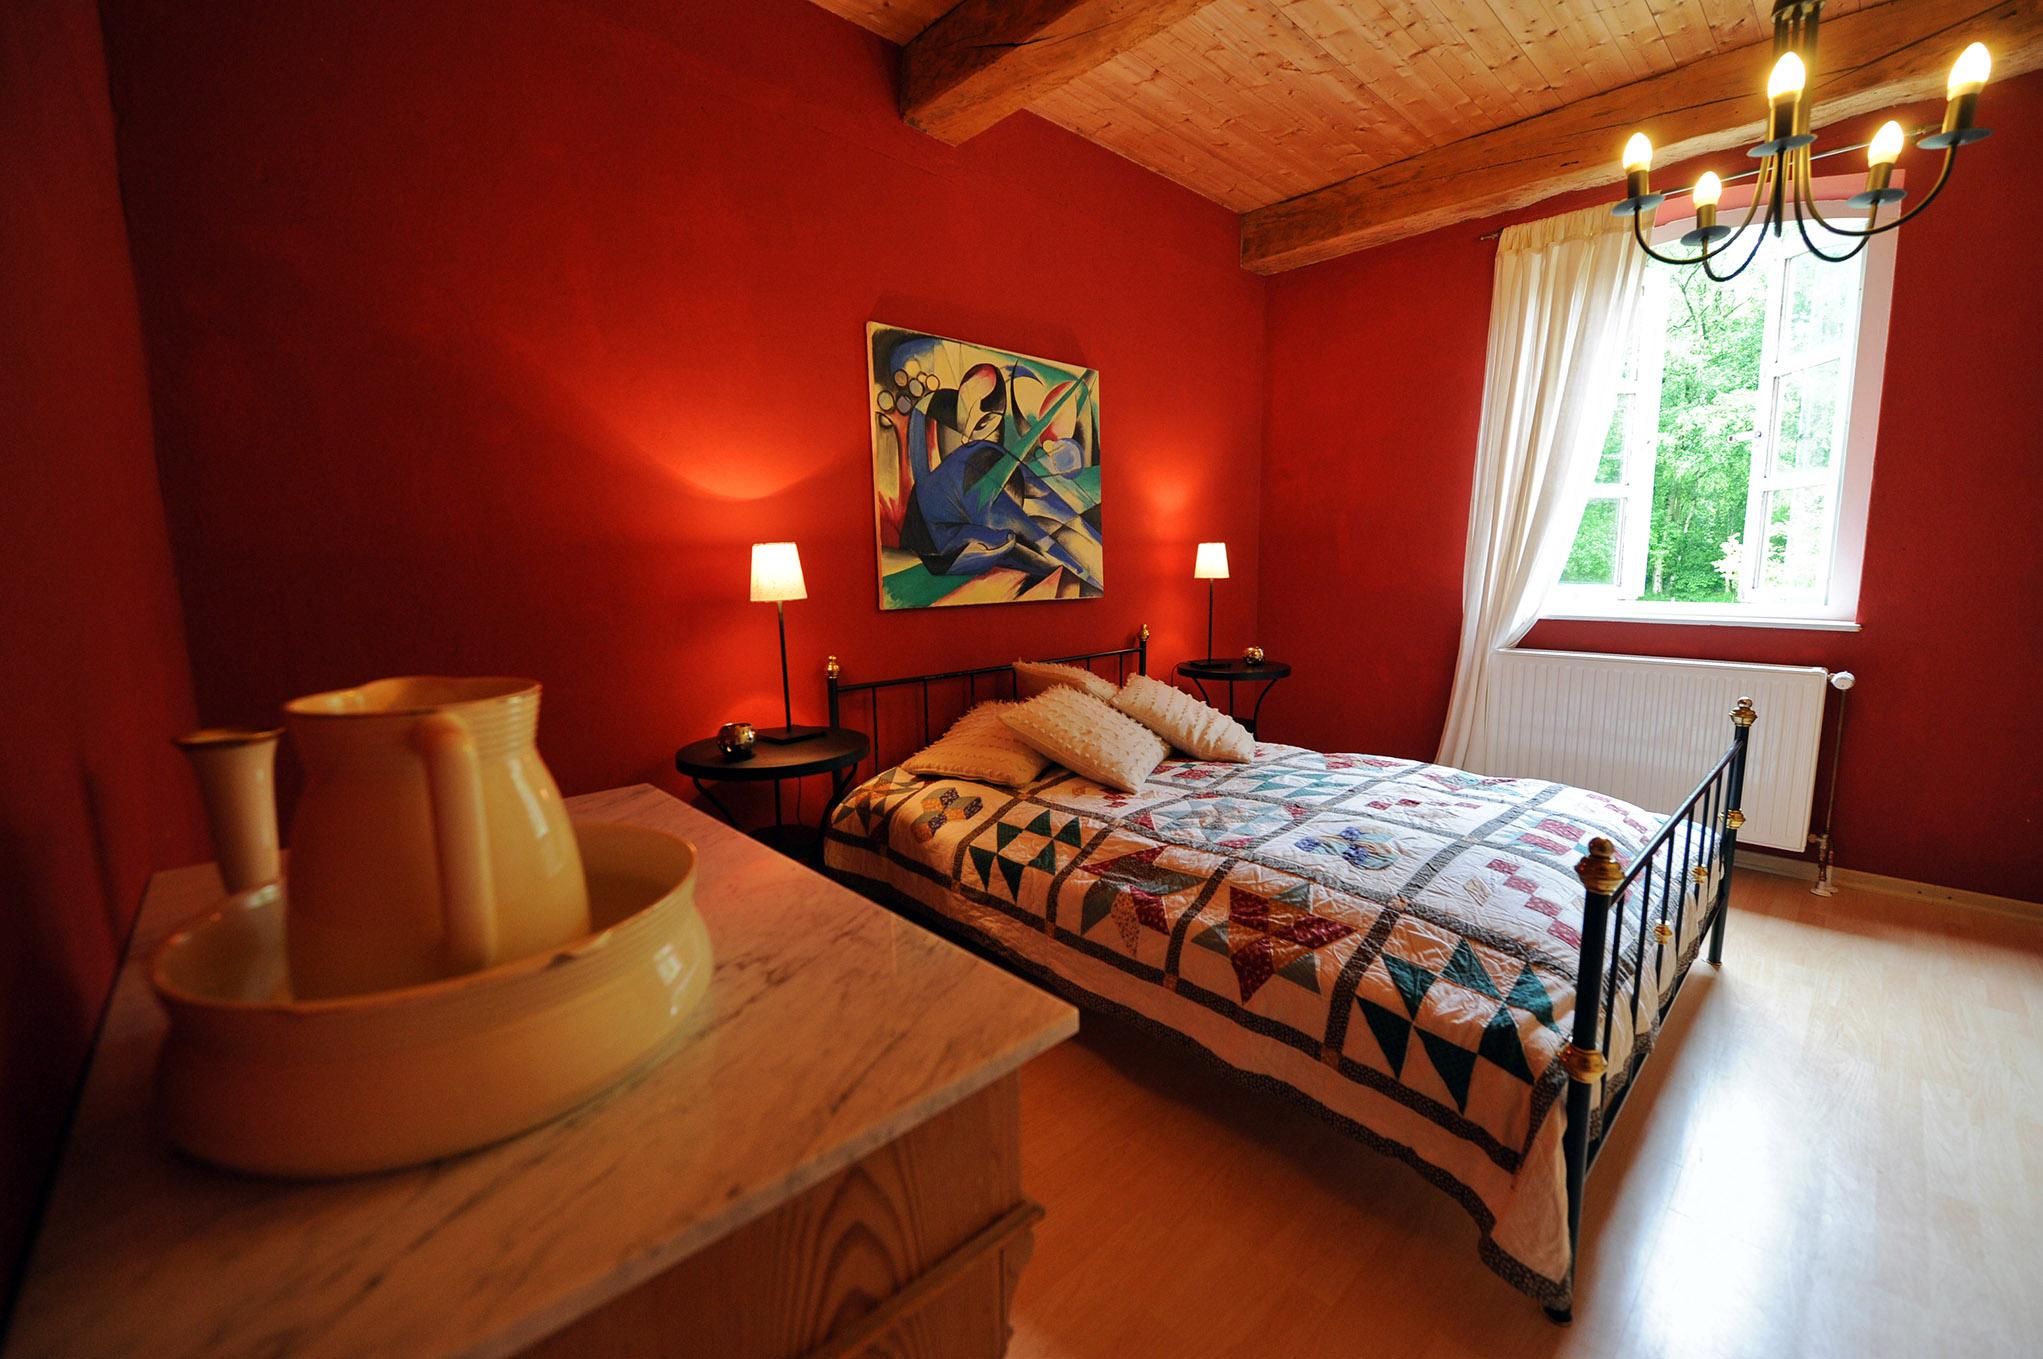 schlafzimmer warme farben schlafzimmer ideen skandinavisch bettdecken 220x240 test nostalgische. Black Bedroom Furniture Sets. Home Design Ideas